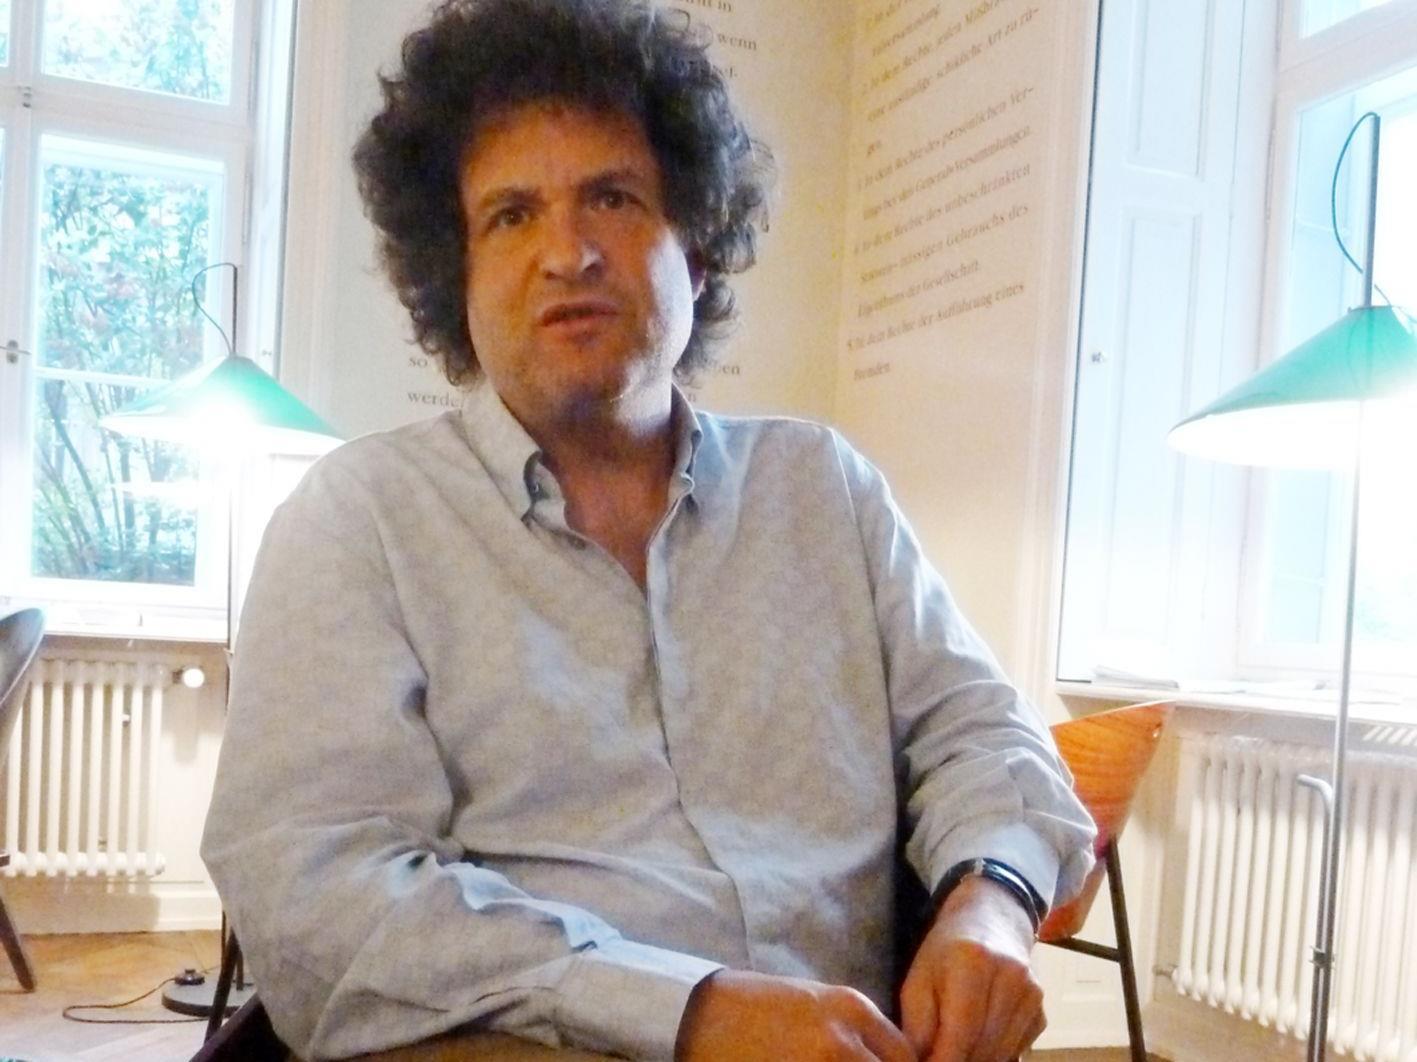 Morgen, am Dienstag den 5. Juni, liest der Direktor Hanno Loewy um 19.30 Uhr  Texte von Woody Allen.